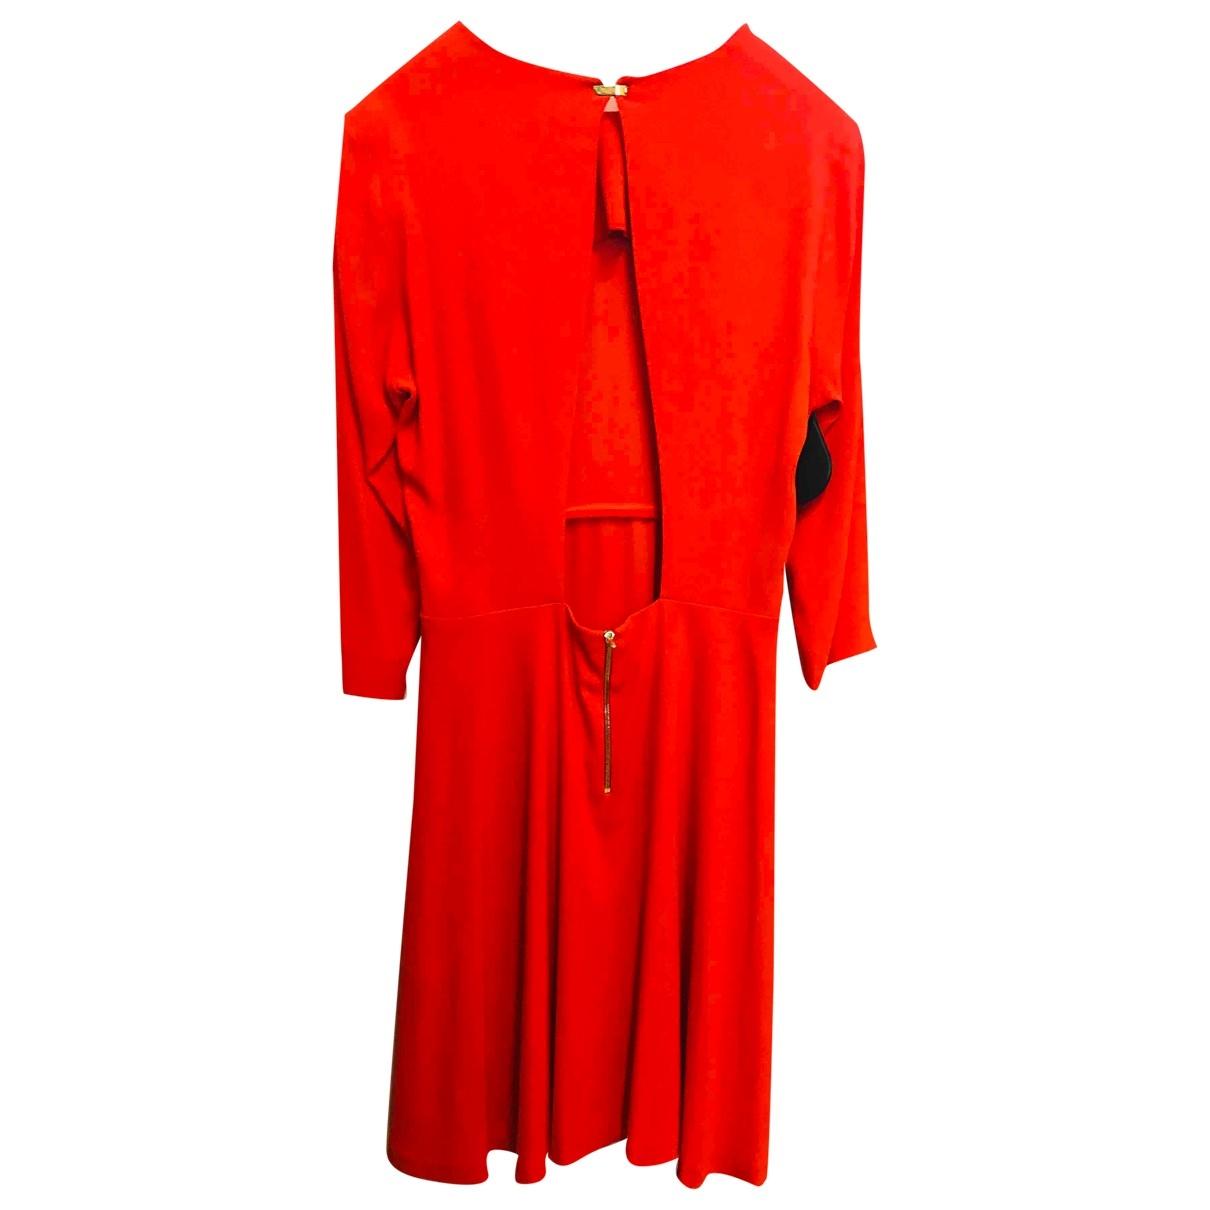 Sandro \N Orange dress for Women S International